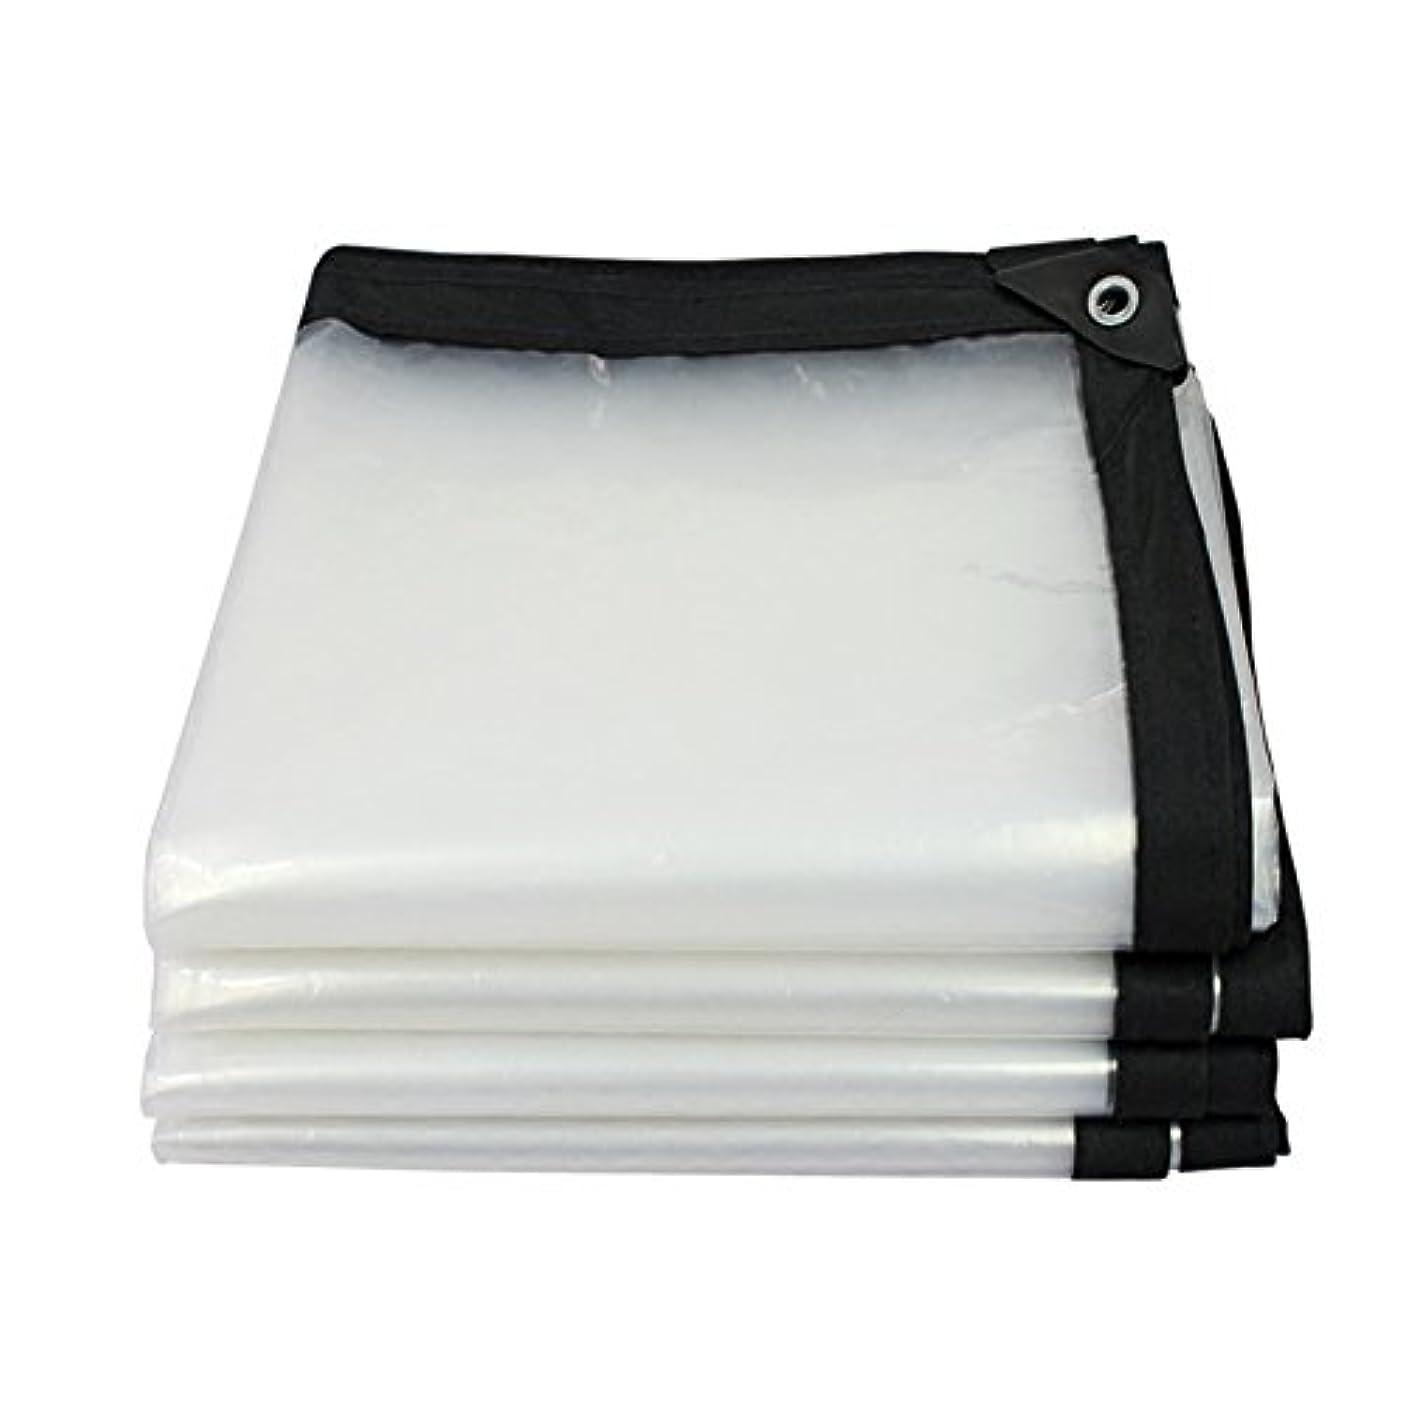 段階猫背内側XJZxX 厚手透明防水シート防水布防水プラスチック防水シート家庭用装飾防塵布 (サイズ さいず : 4m x 6m)